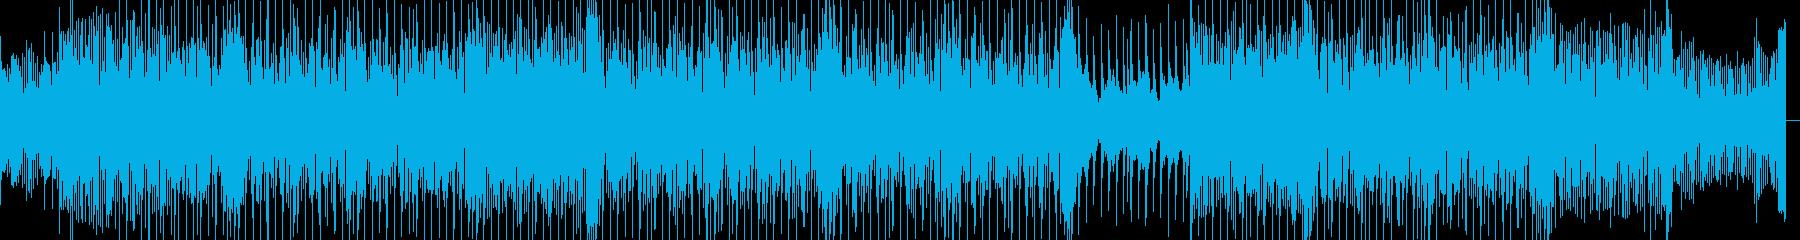 切ないピアノと怪しげなバッキングのBGMの再生済みの波形